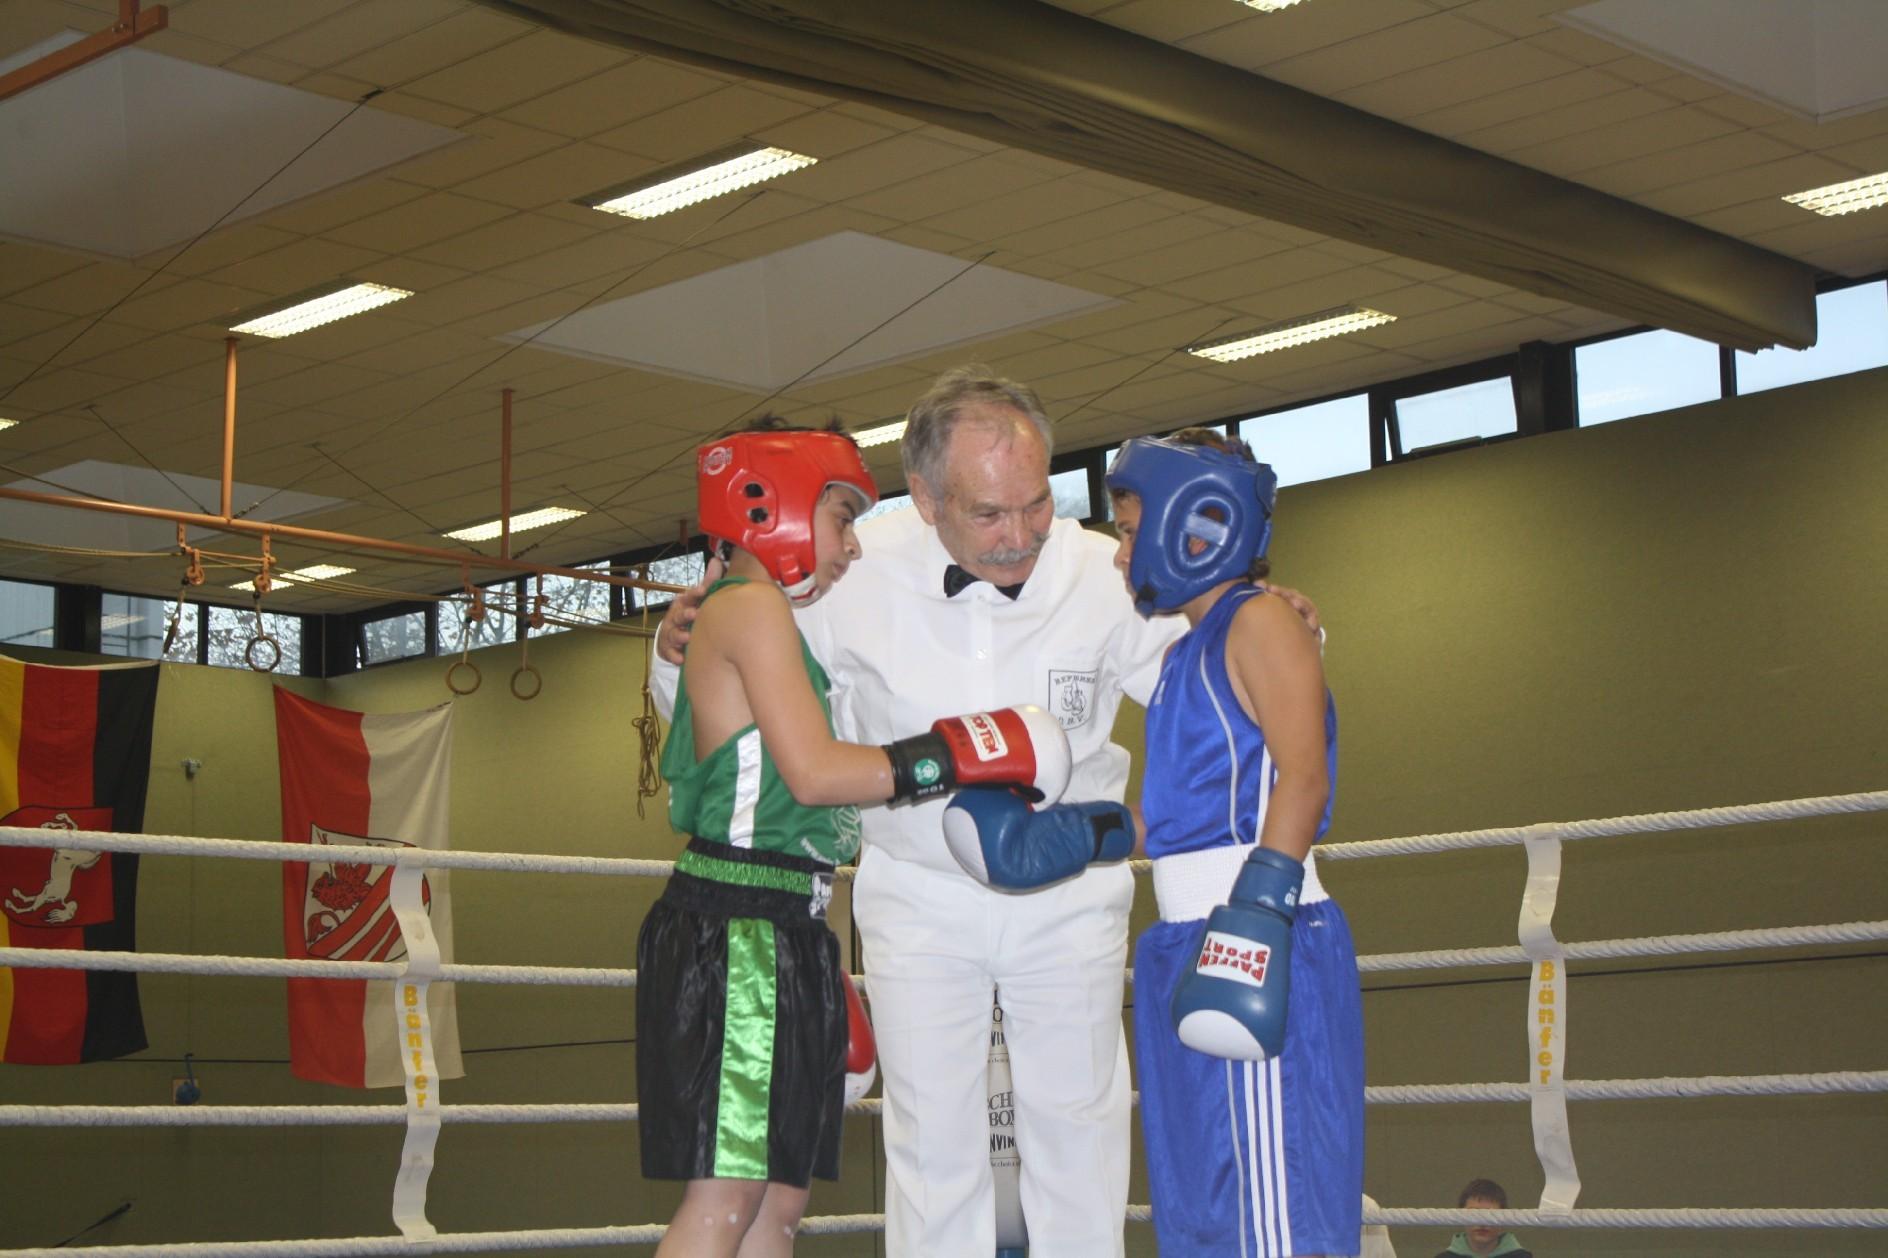 I. Berisha (TV Papenburg), M. Scholz (Ringrichter), M. Mansur (BC Nordend Offenbach)